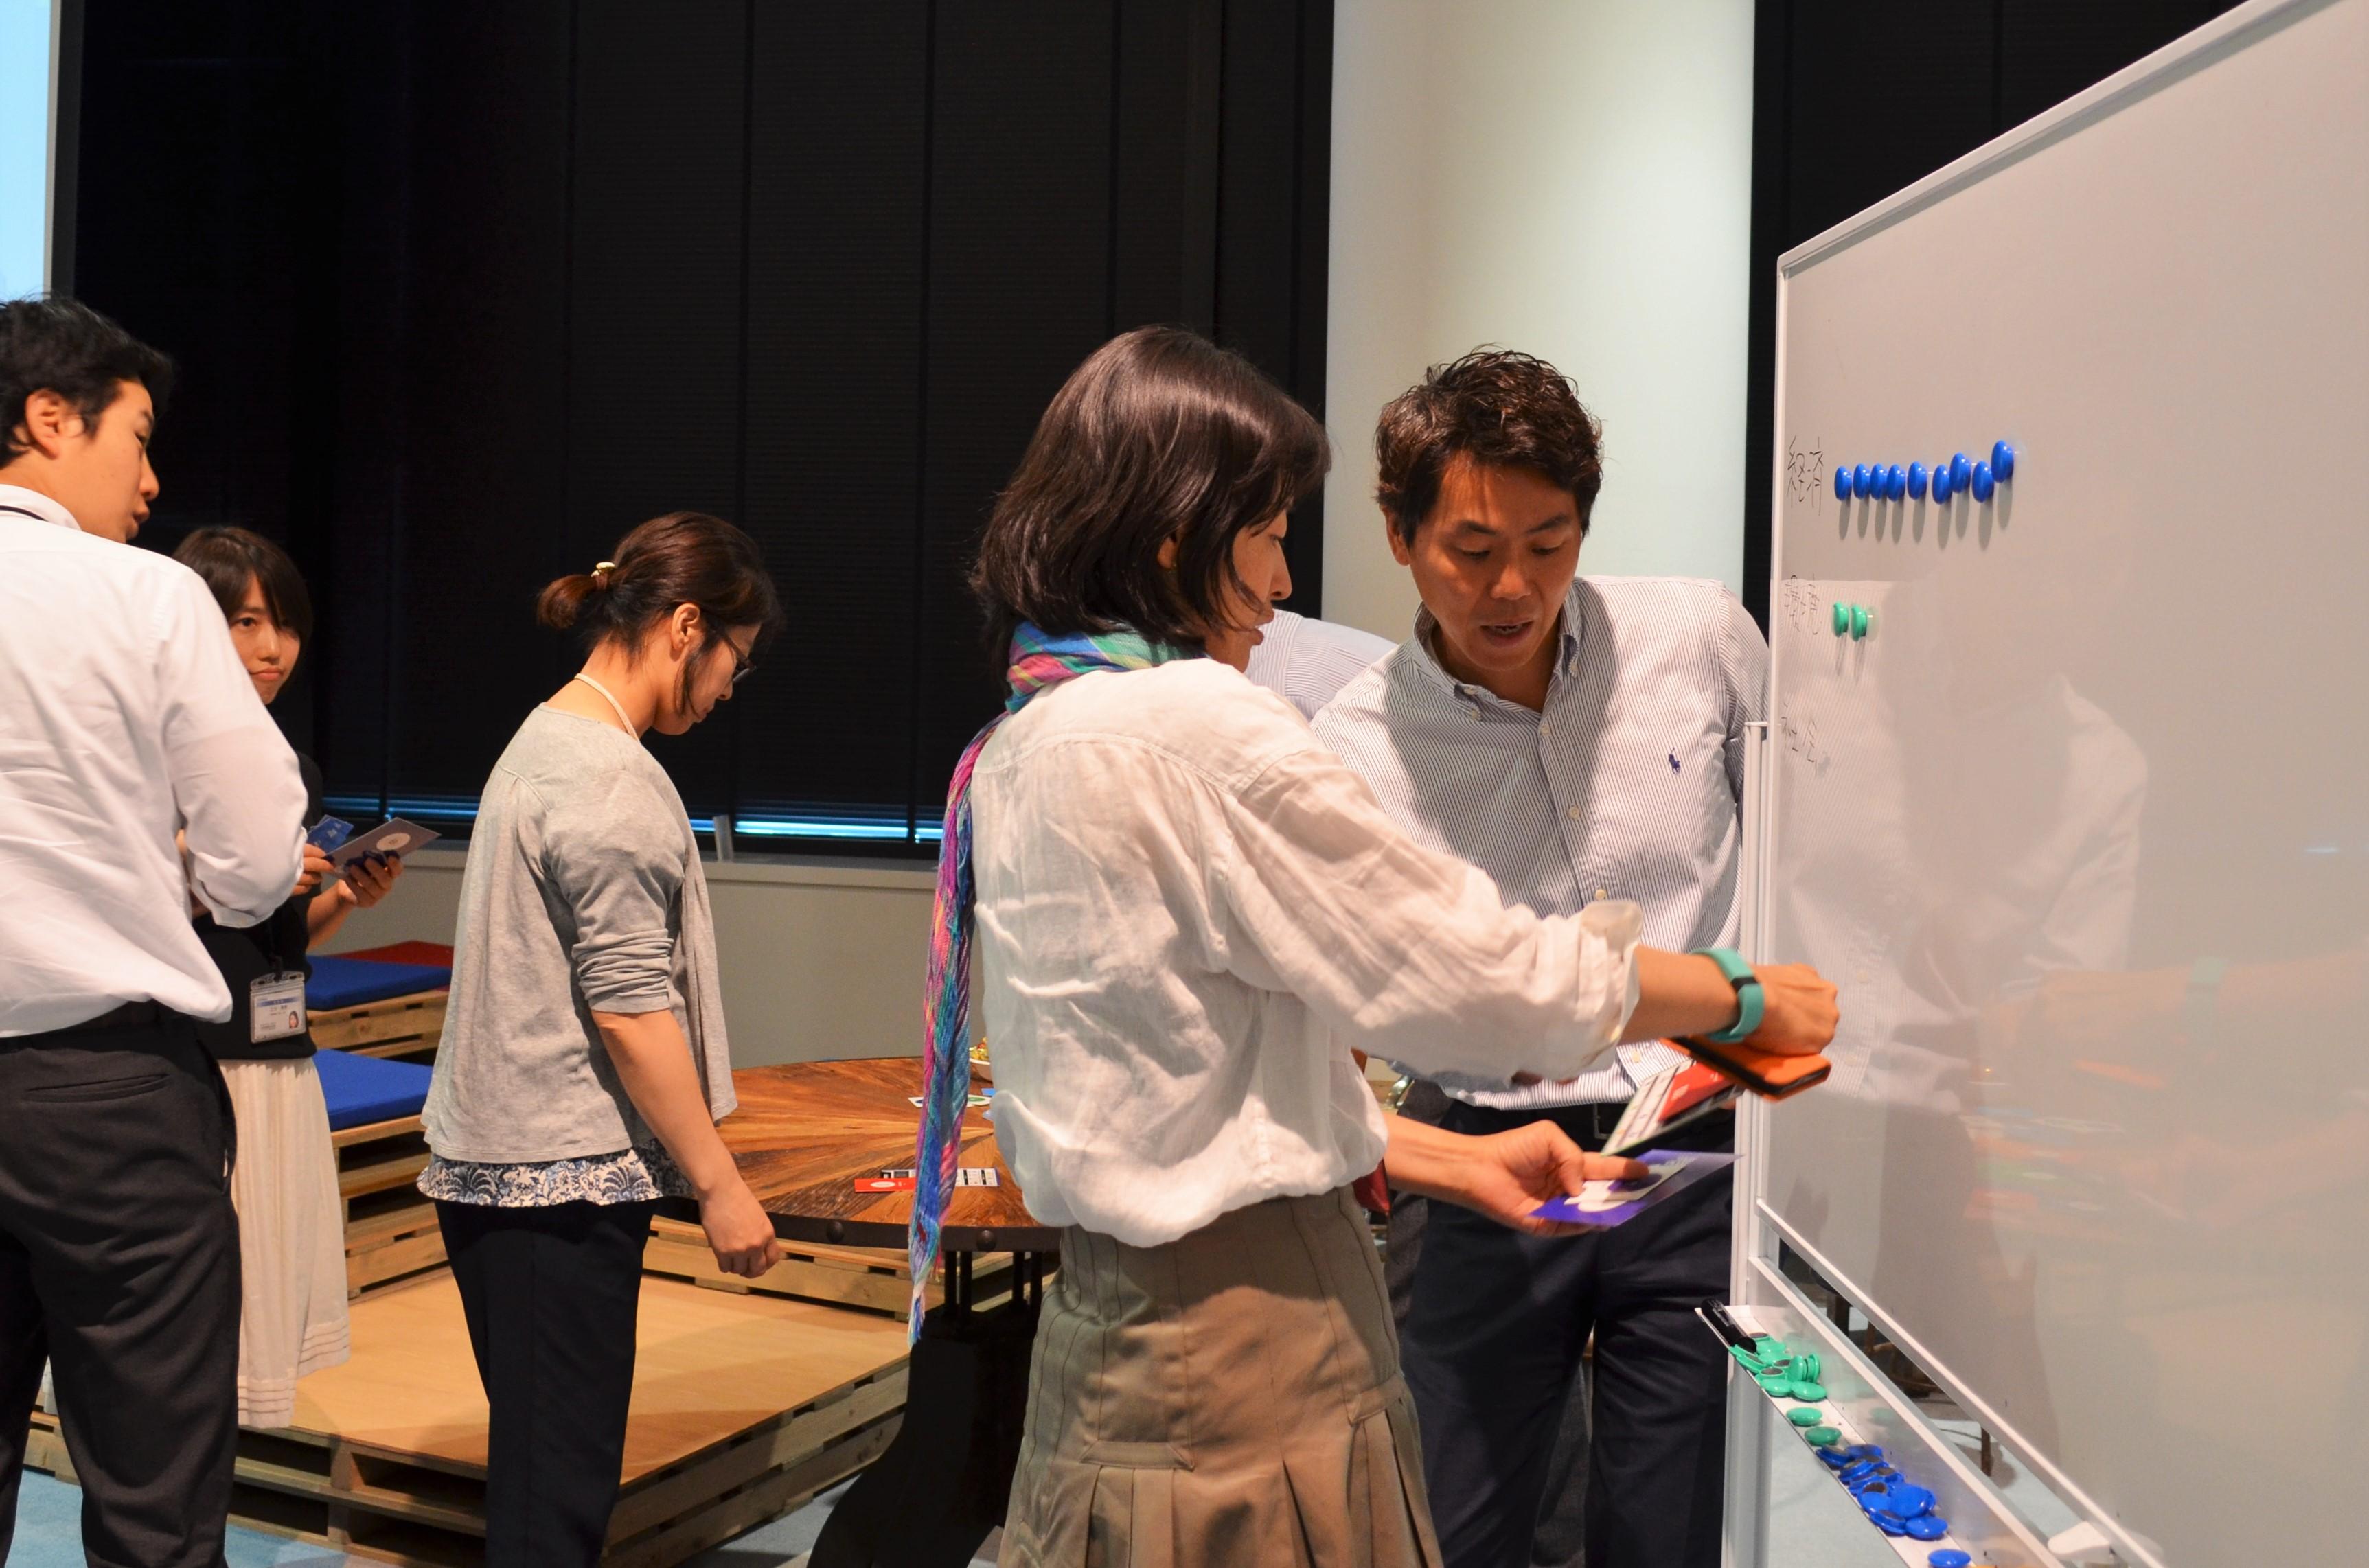 【イマココラボ主催】企業内でSDGsを推進する方、人材育成する方のためのセミナー(経企・事業部・人事向け)